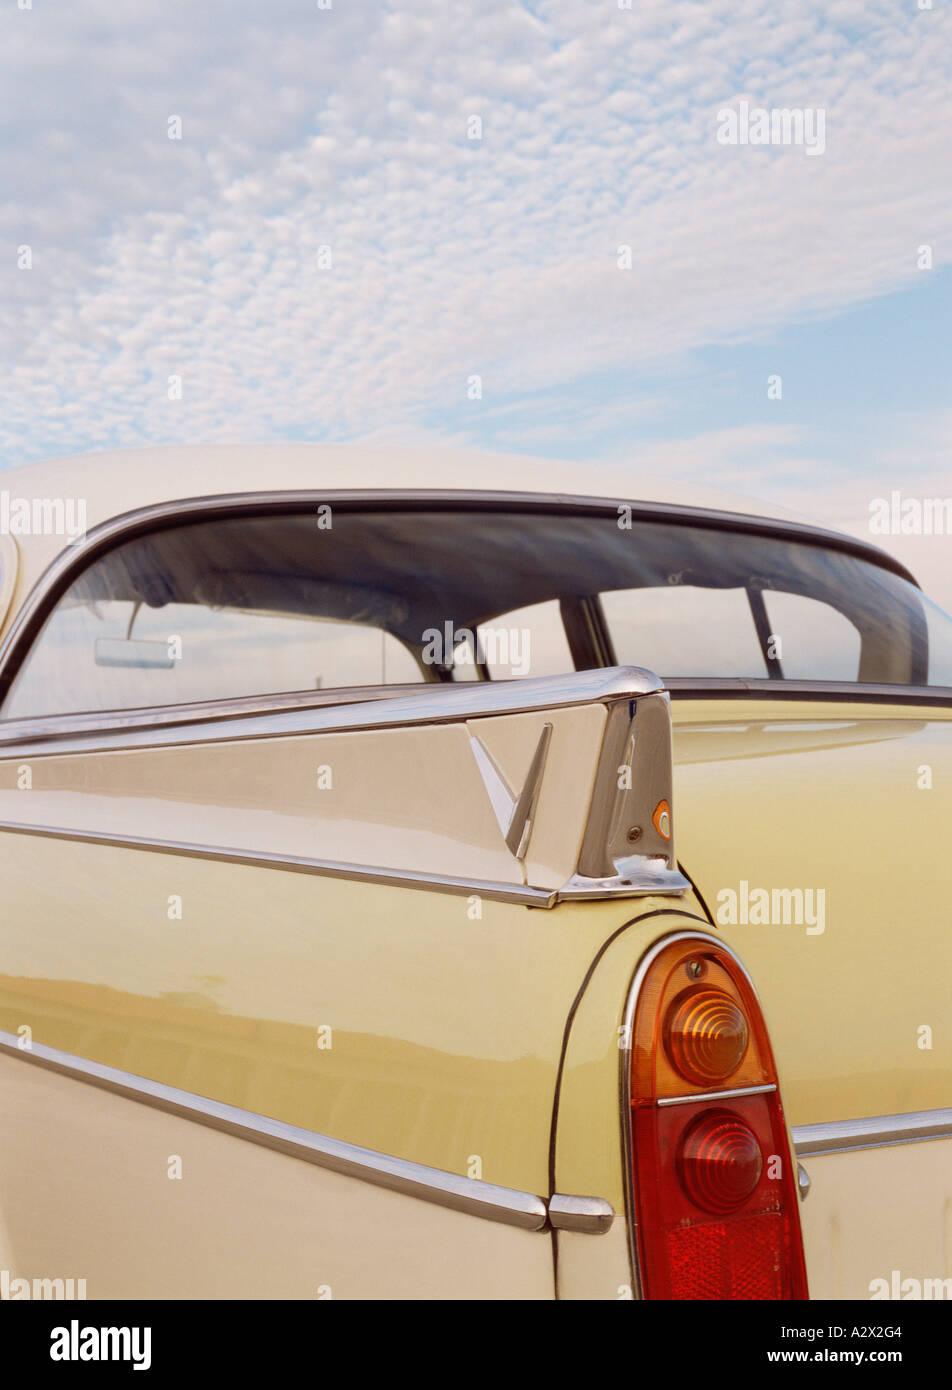 Transports. véhicules routiers. vintage. voiture classique. Années 1950. vauxhall cresta. british. close-up de l'aile arrière. Photo Stock